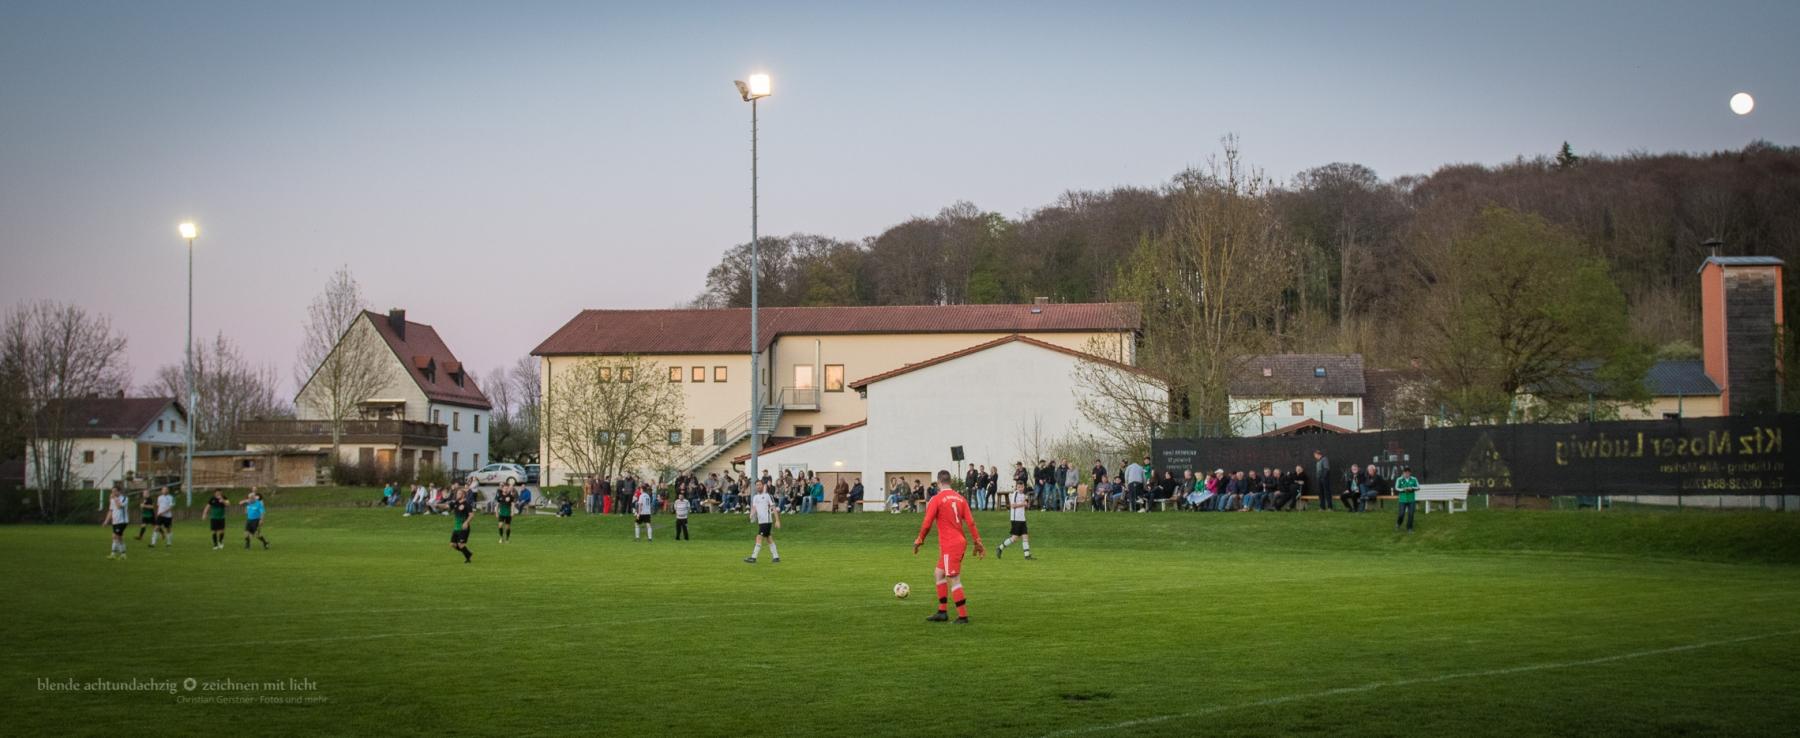 Weidenbach-28